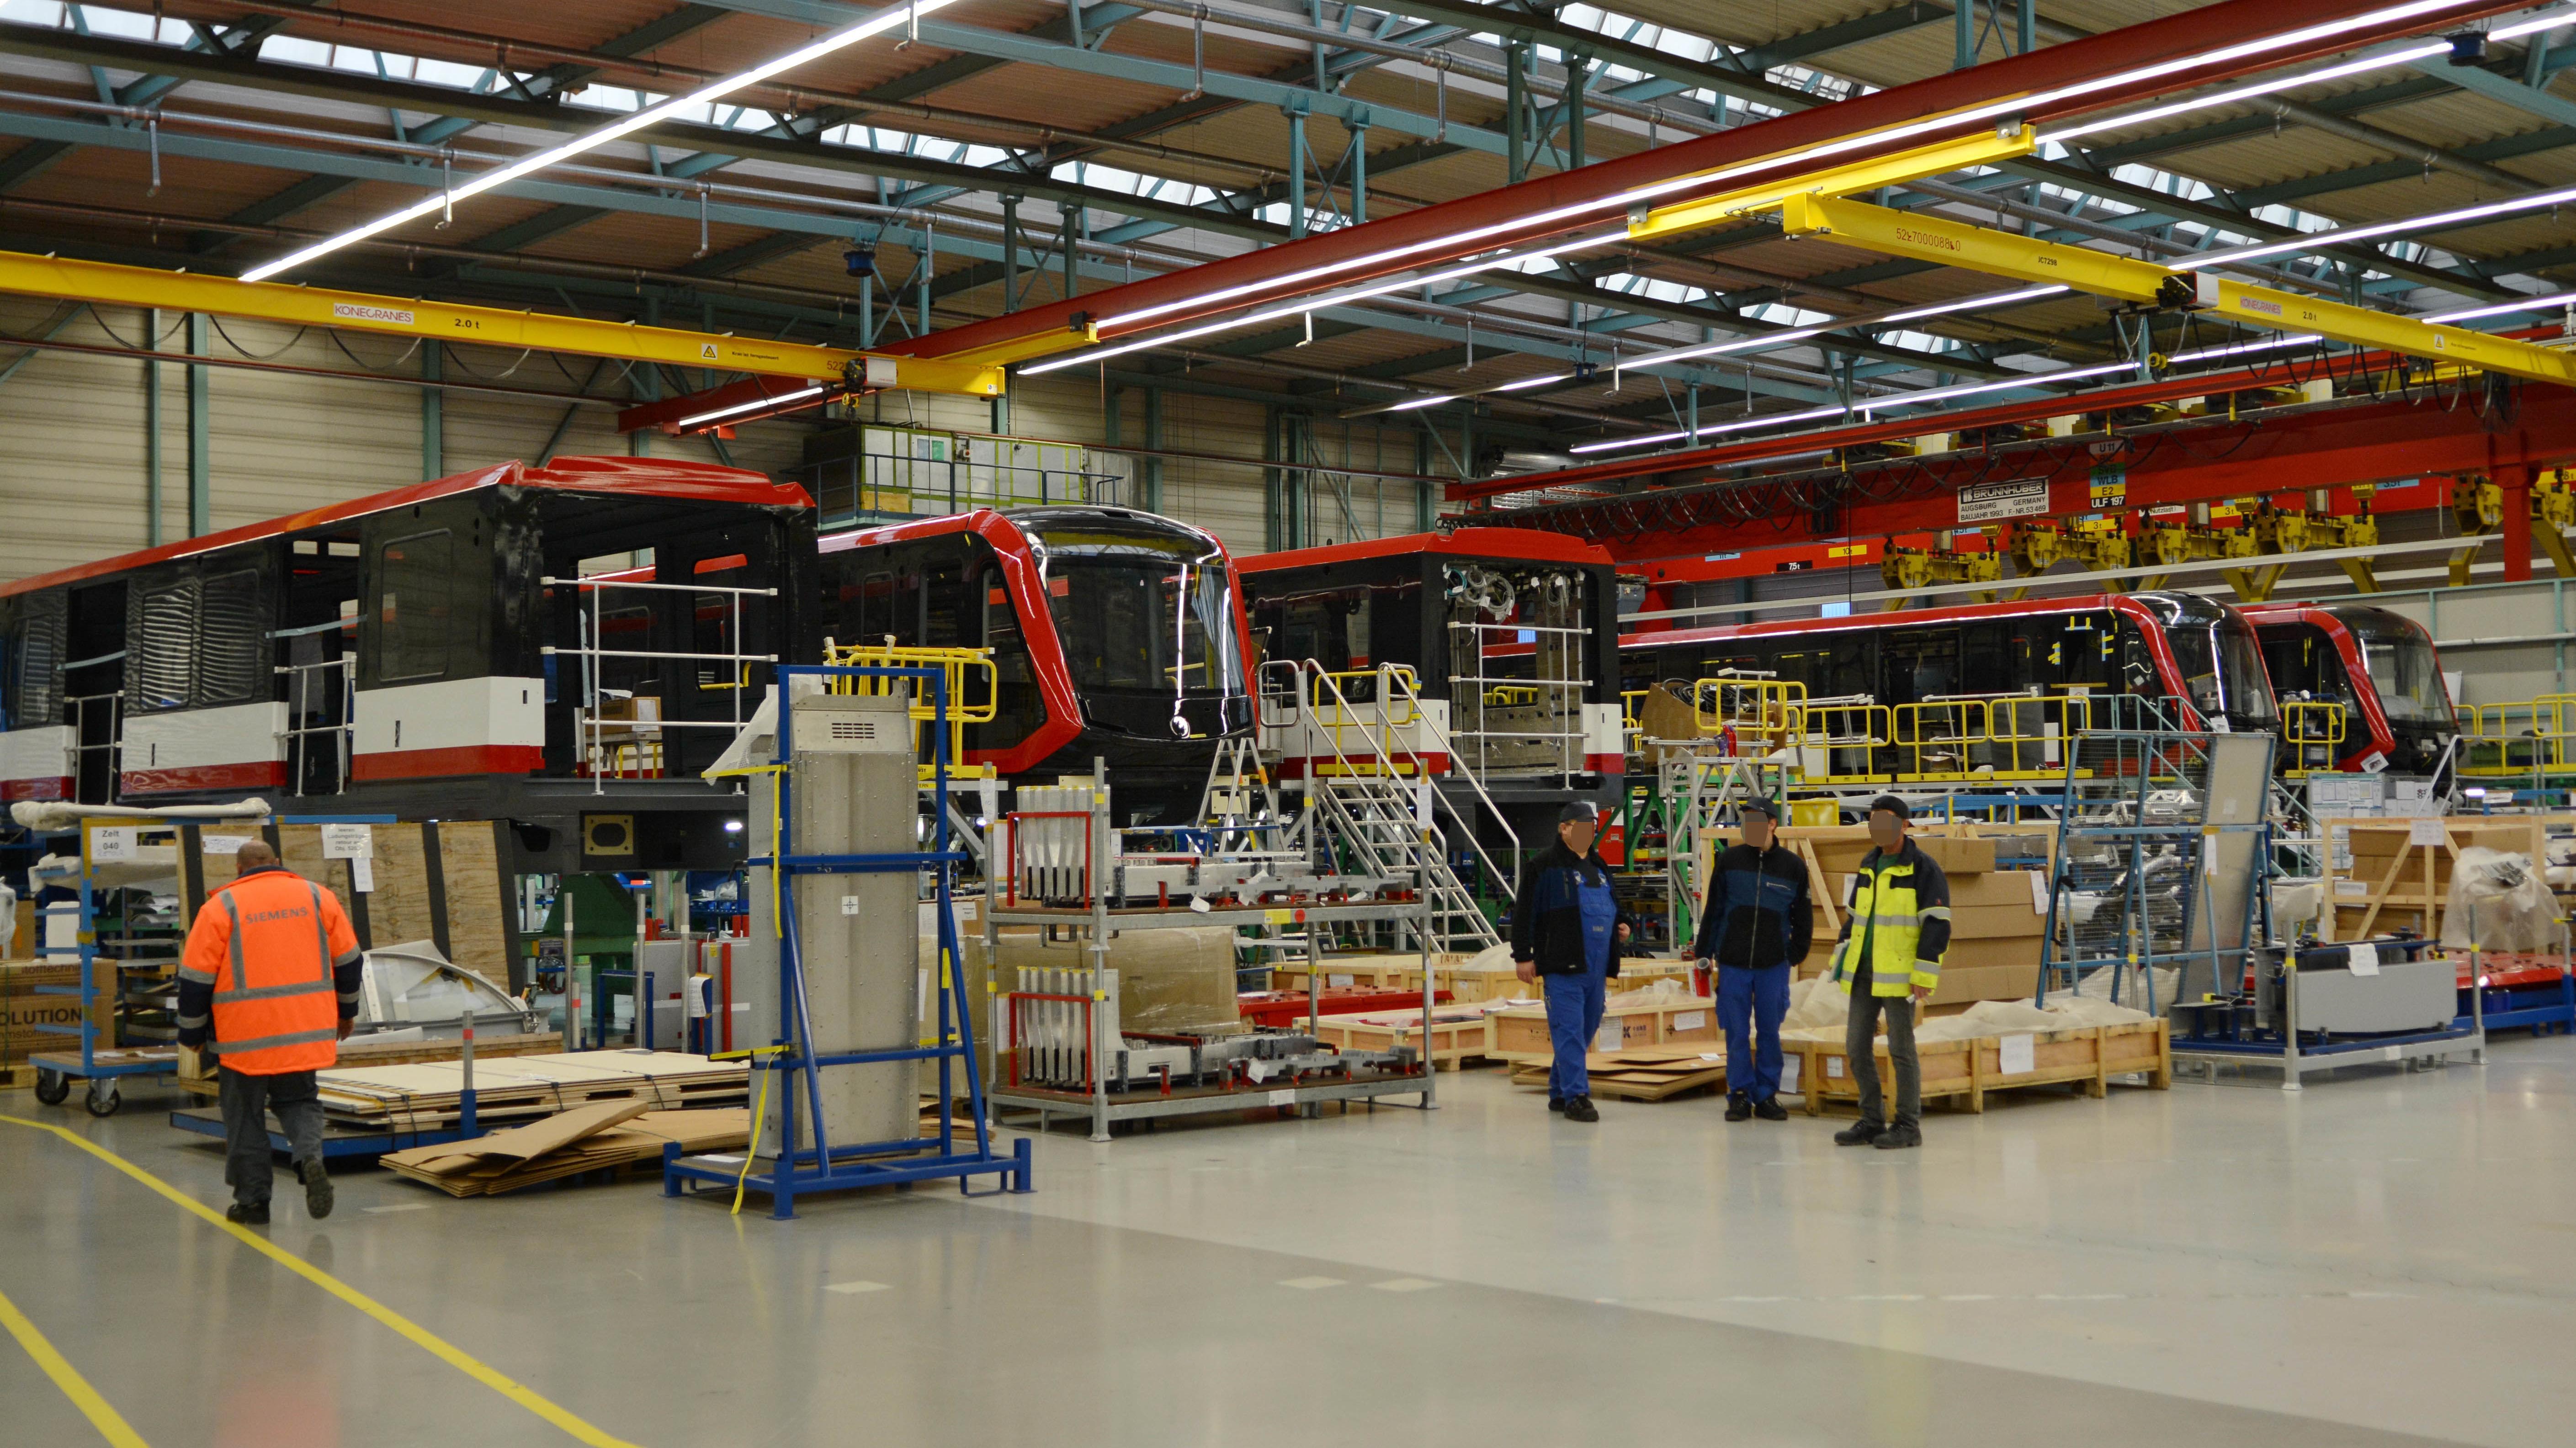 Fünf Zugteile stehen in der Siemens-Werkstatt in Wien auf Hebebühnen.